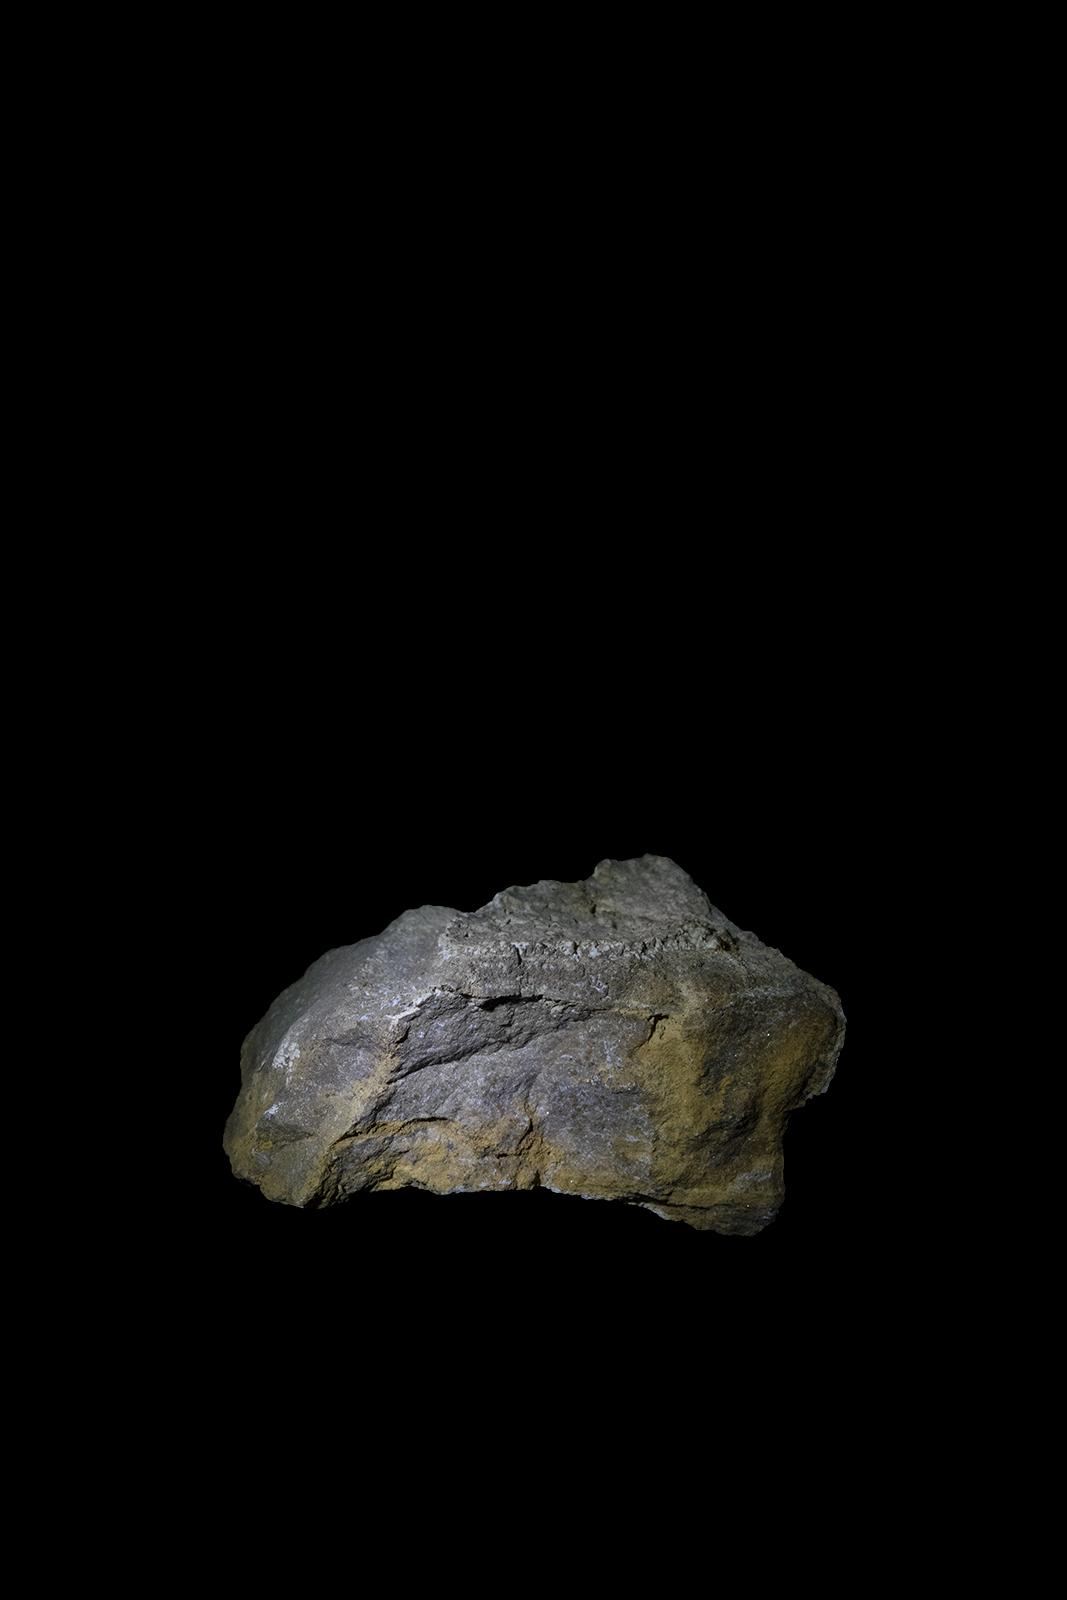 Вапняк/ Limestone